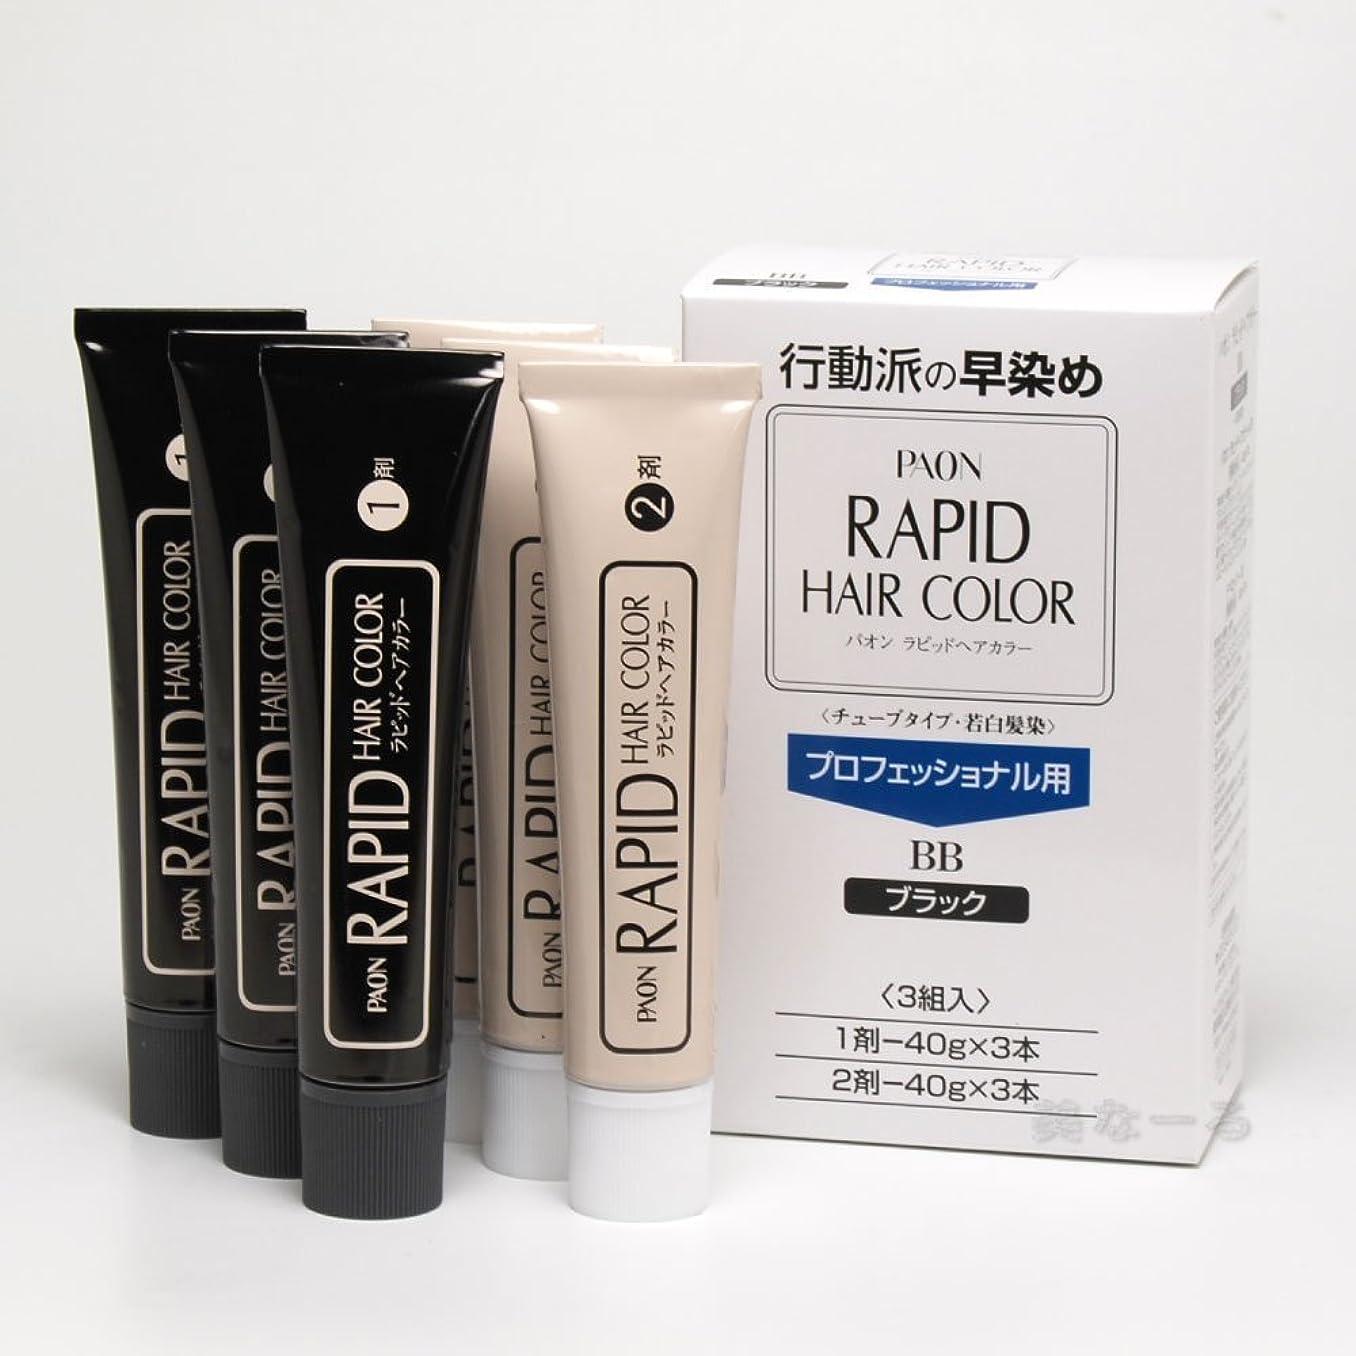 比率スクラップブック旅【サイオス】パオン ラピッドヘアカラー BB ブラック 業務用サイズ 40g×3/40g×3